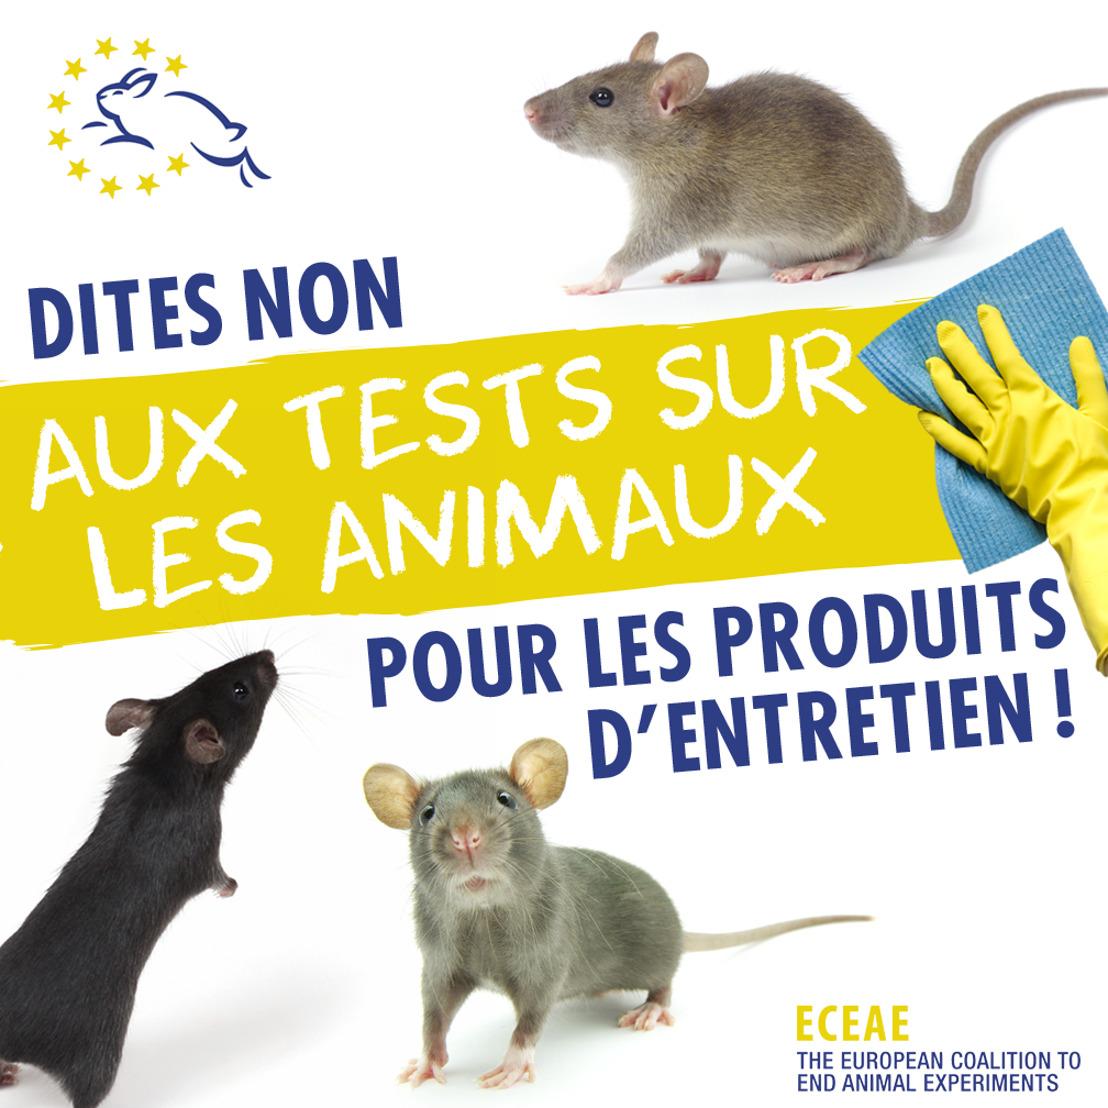 « Ne passez pas l'éponge sur la souffrance animale ! »